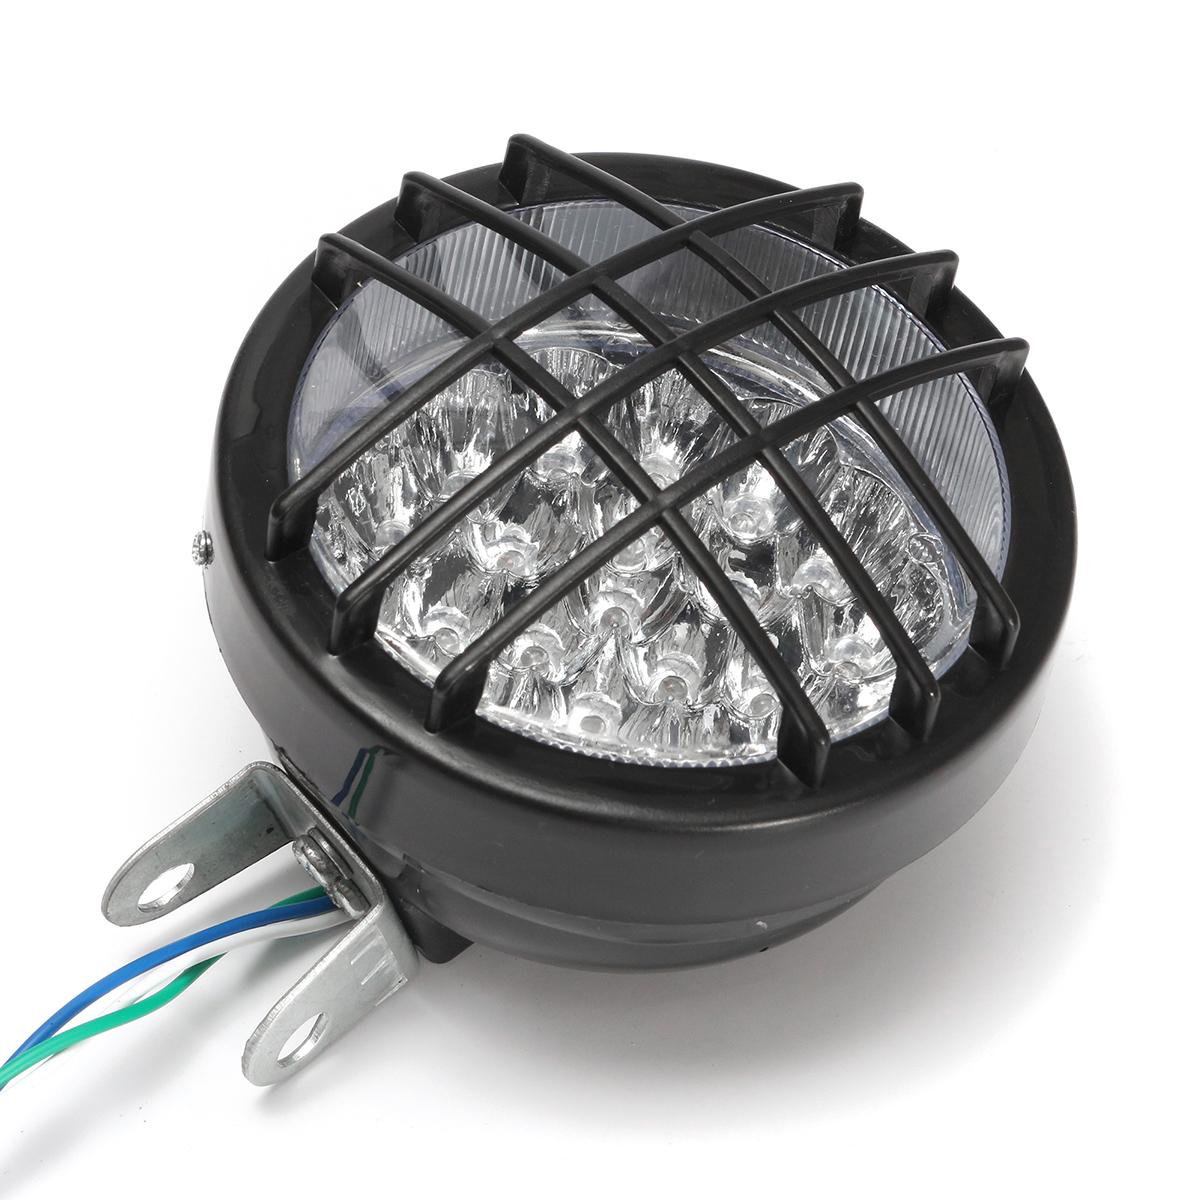 12v Front Led Headlight Lamp For Atv Quad 4 Wheeler Go Kart Roketa Sunl Taotao Fuel Filter 502f77d9 B8ef 4e20 8da9 Bdfbdb67cdcf